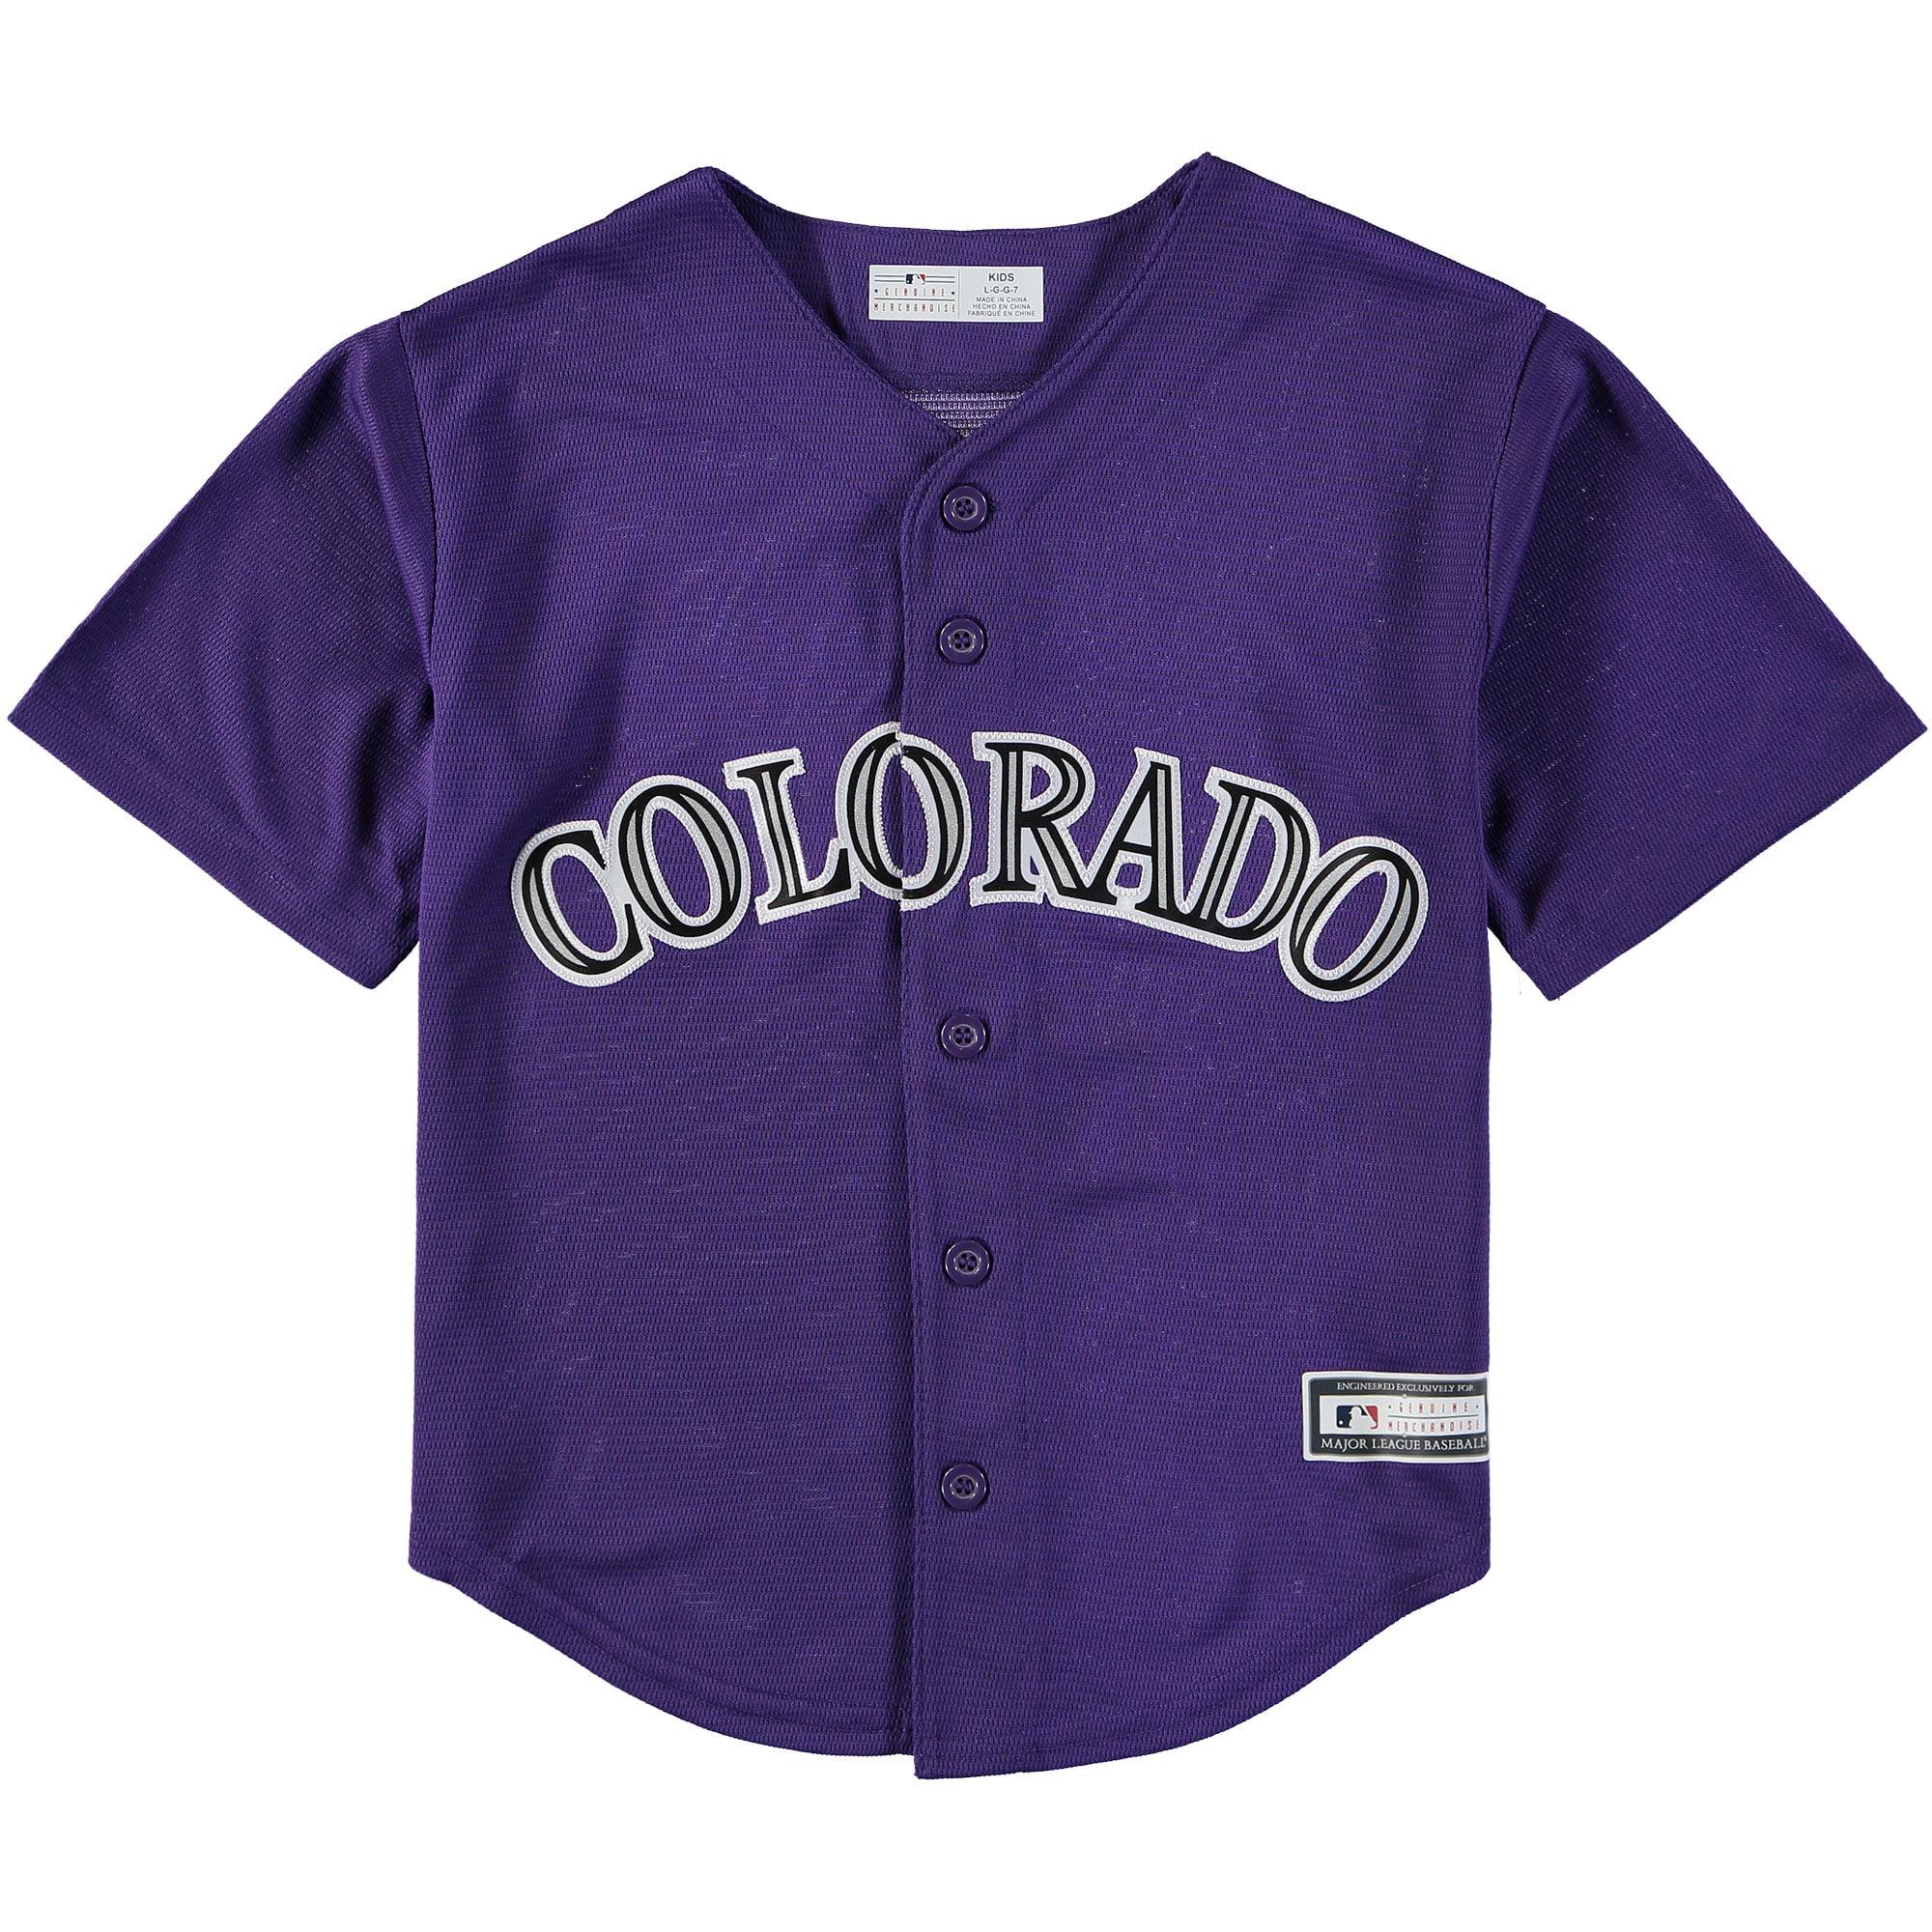 Colorado Rockies Preschool Replica Team Jersey - Purple